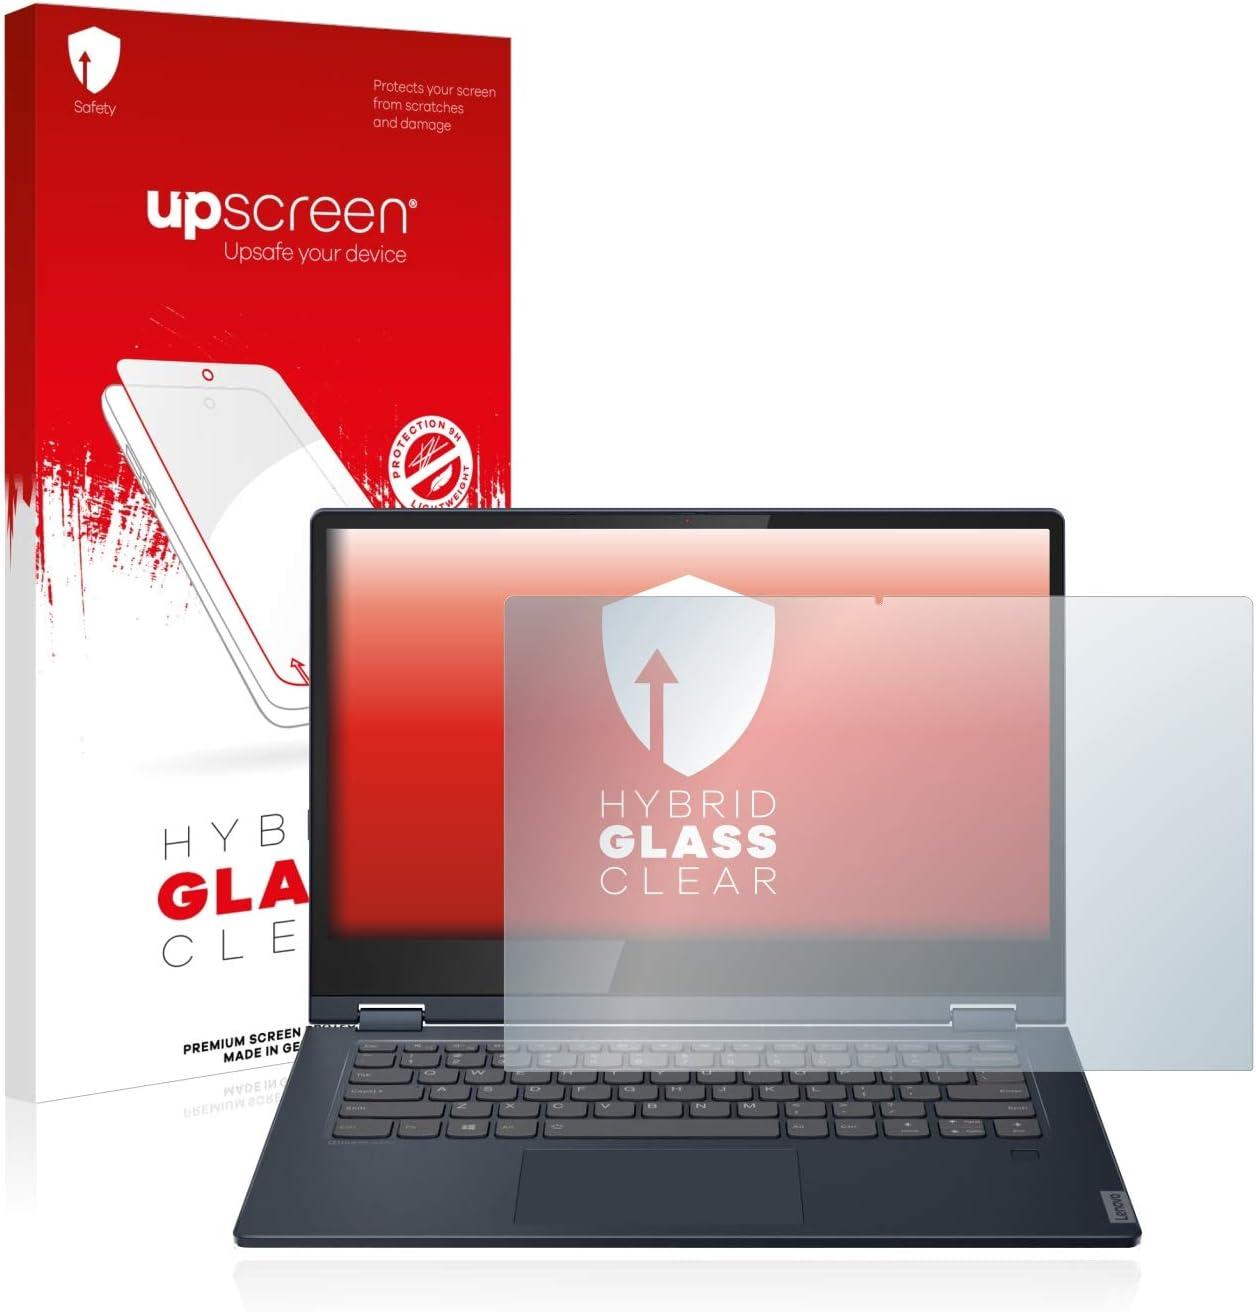 9H Dureza Pantalla Inferior upscreen Protector Pantalla Cristal Templado Compatible con Apple MacBook Pro 13 Hybrid Glass